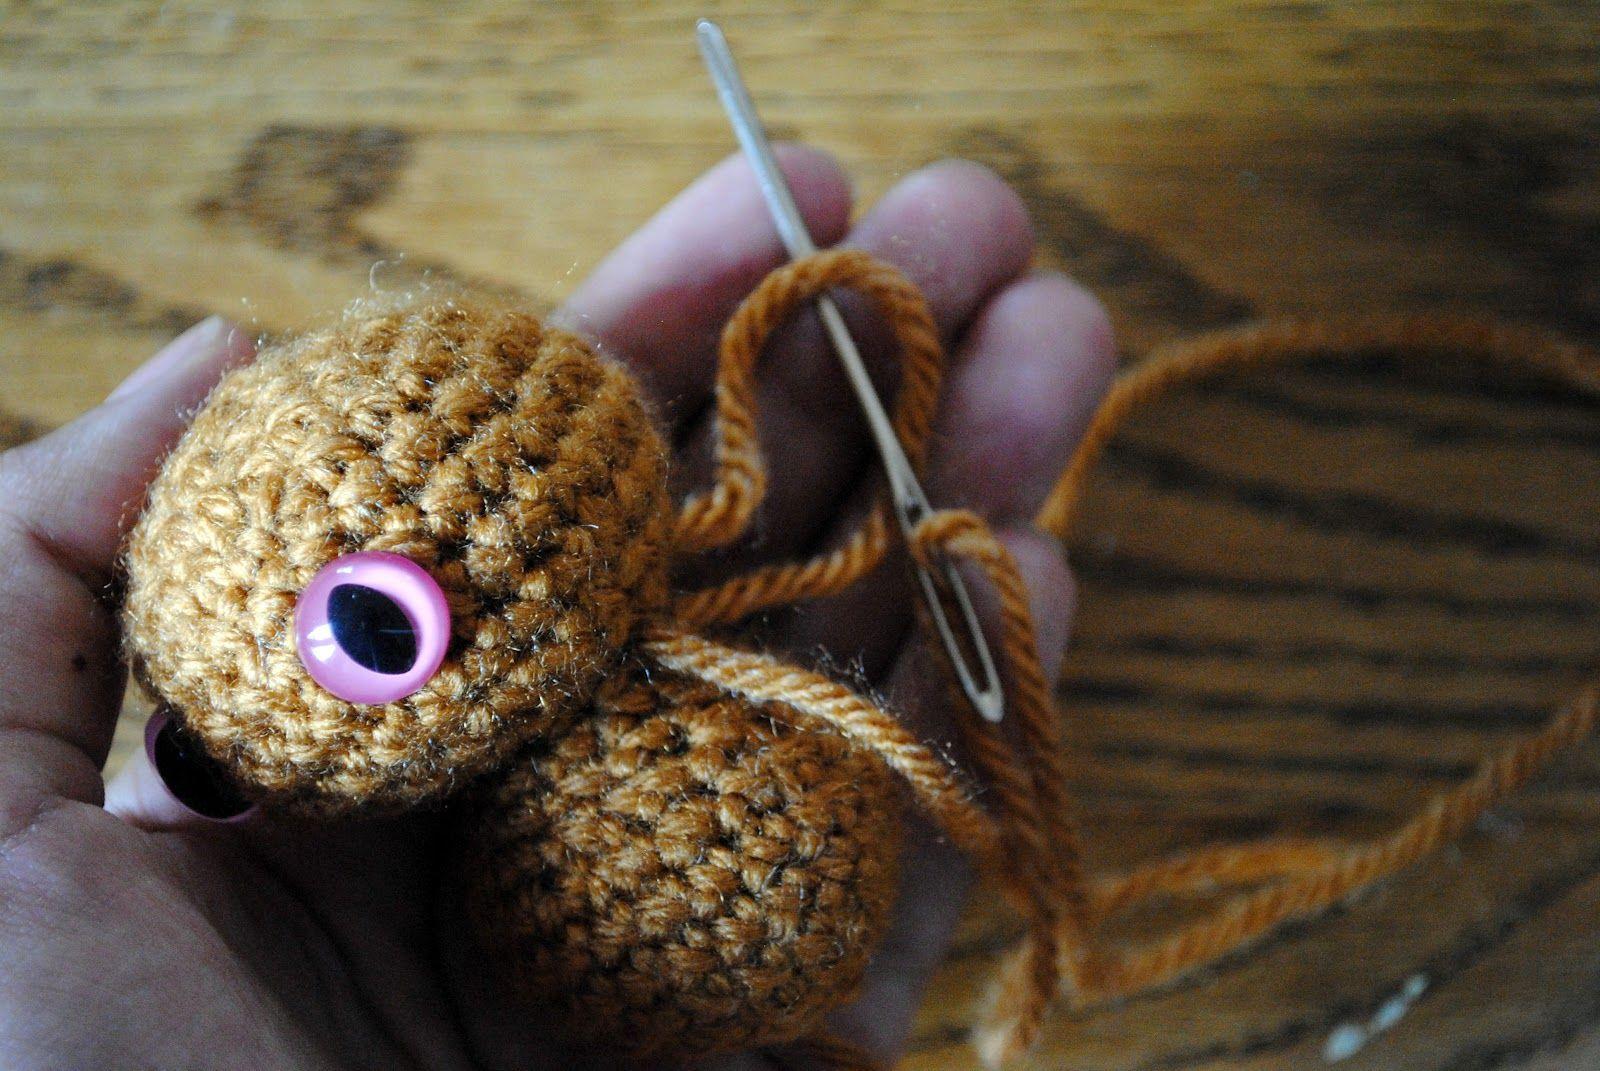 Amigurumi Tips : Amigurumi tips sewing and hiding ends crochet tutorials